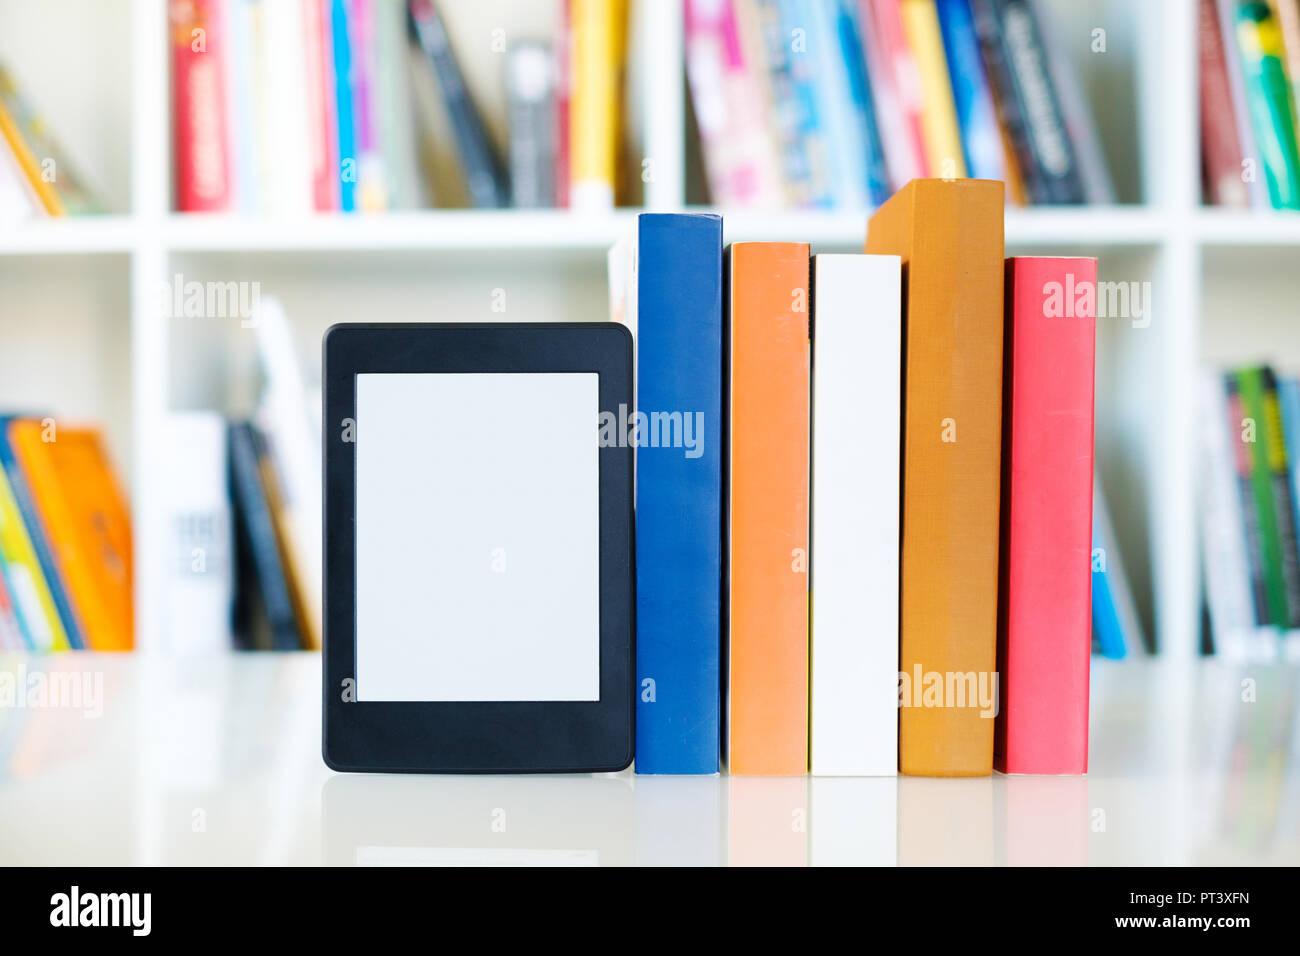 https www alamyimages fr lecteur d ebook et livres papier sur fond d etagere copier l espace sur l ecran digital tablet image221362841 html